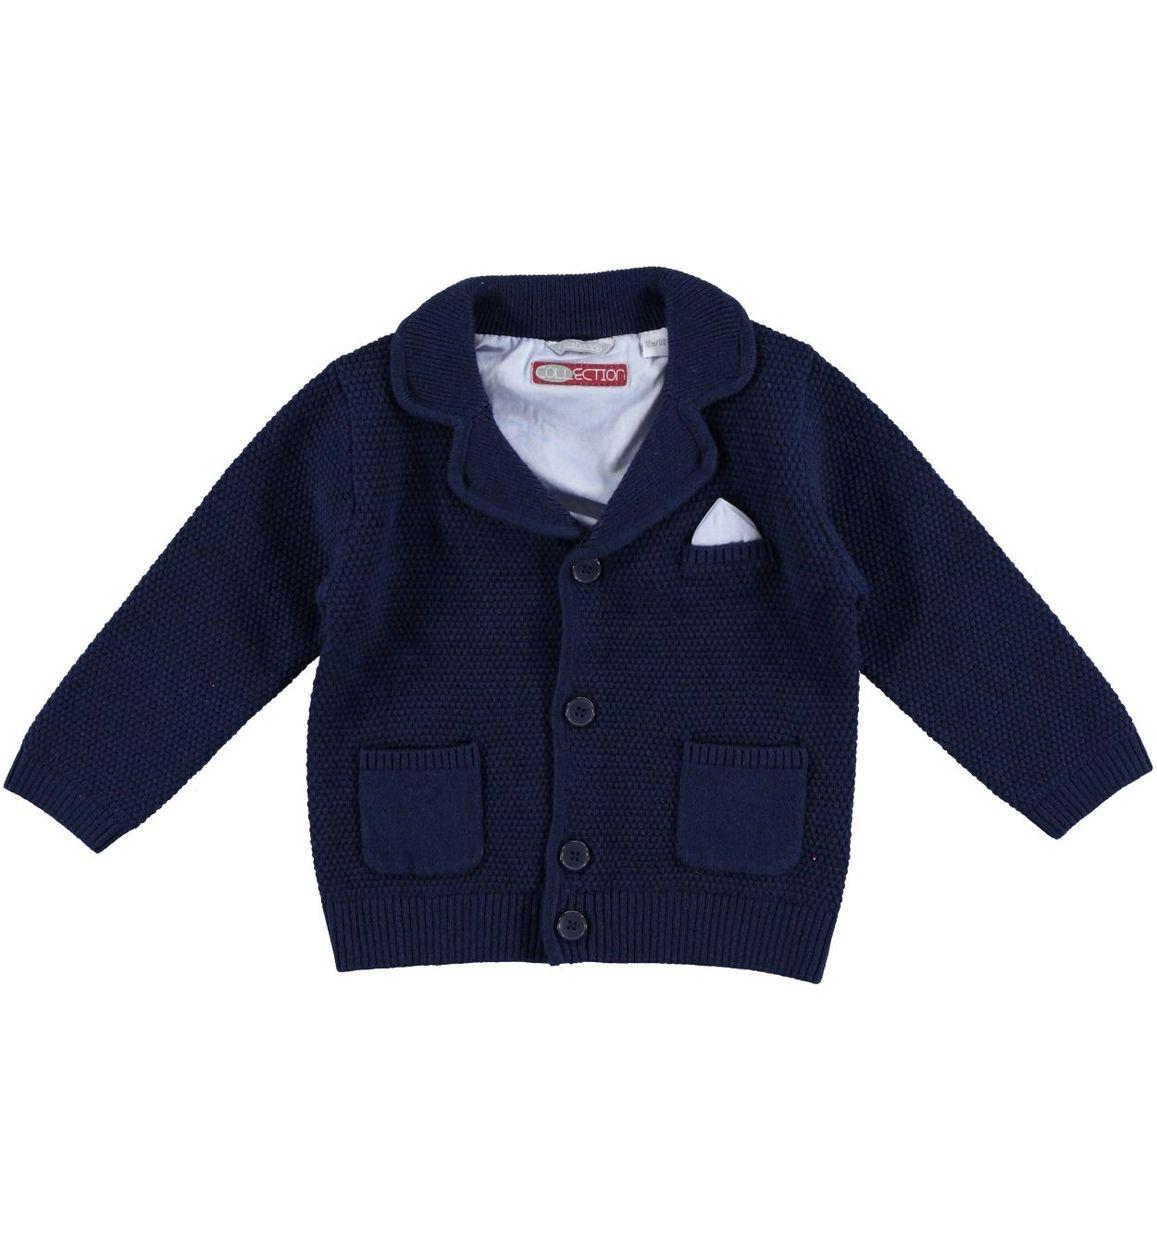 meet ea453 0febf Giacca in lana e cotone per bambino da 6 mesi a 7 anni Sarabanda